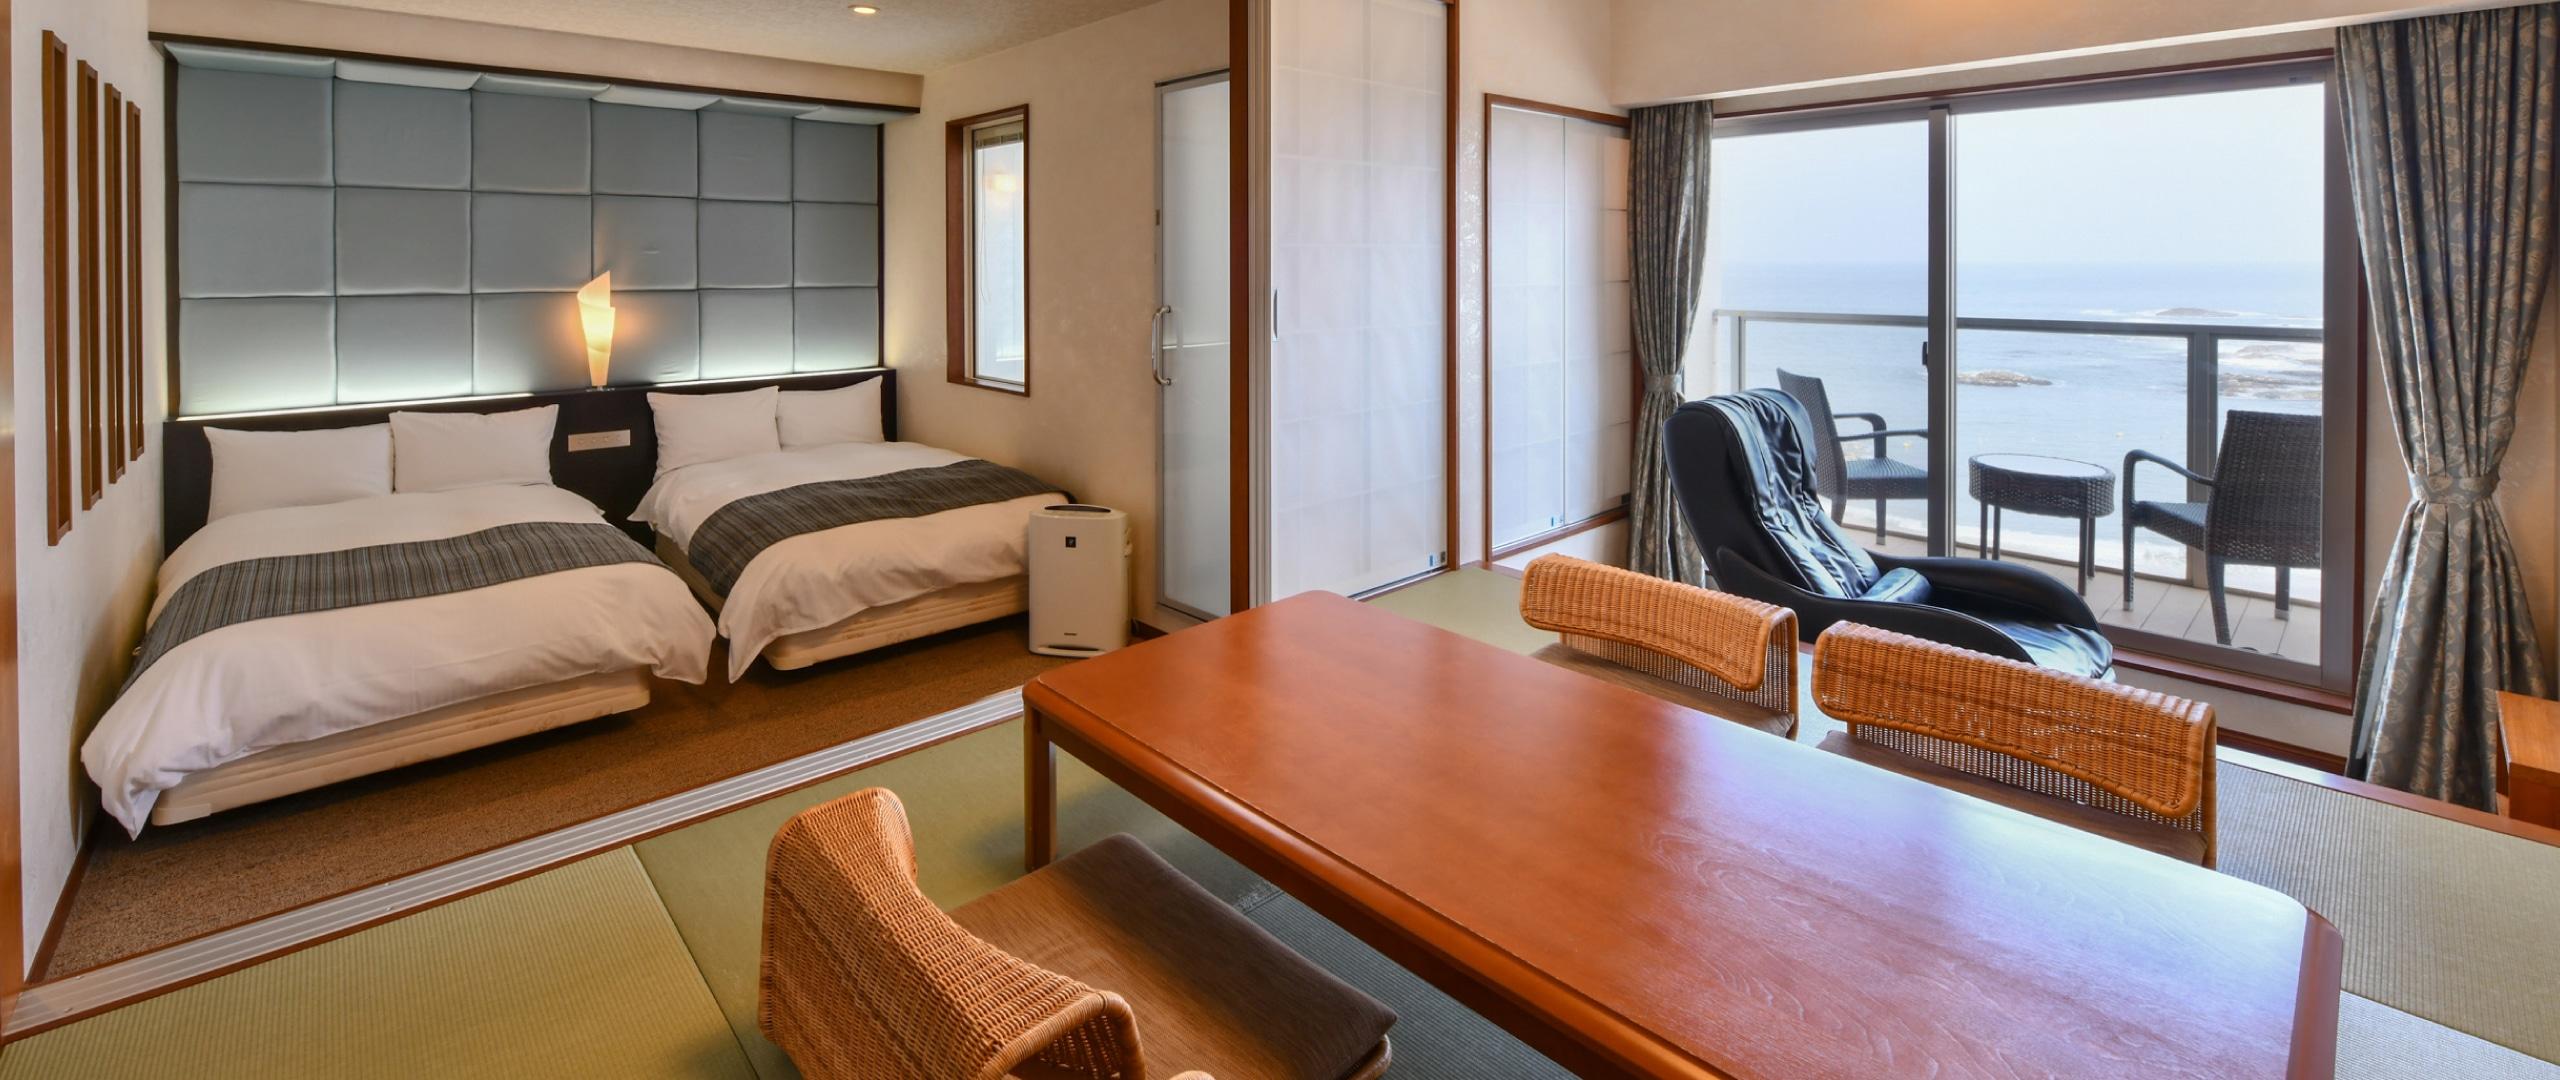 豪華客船の一室をイメージした室内